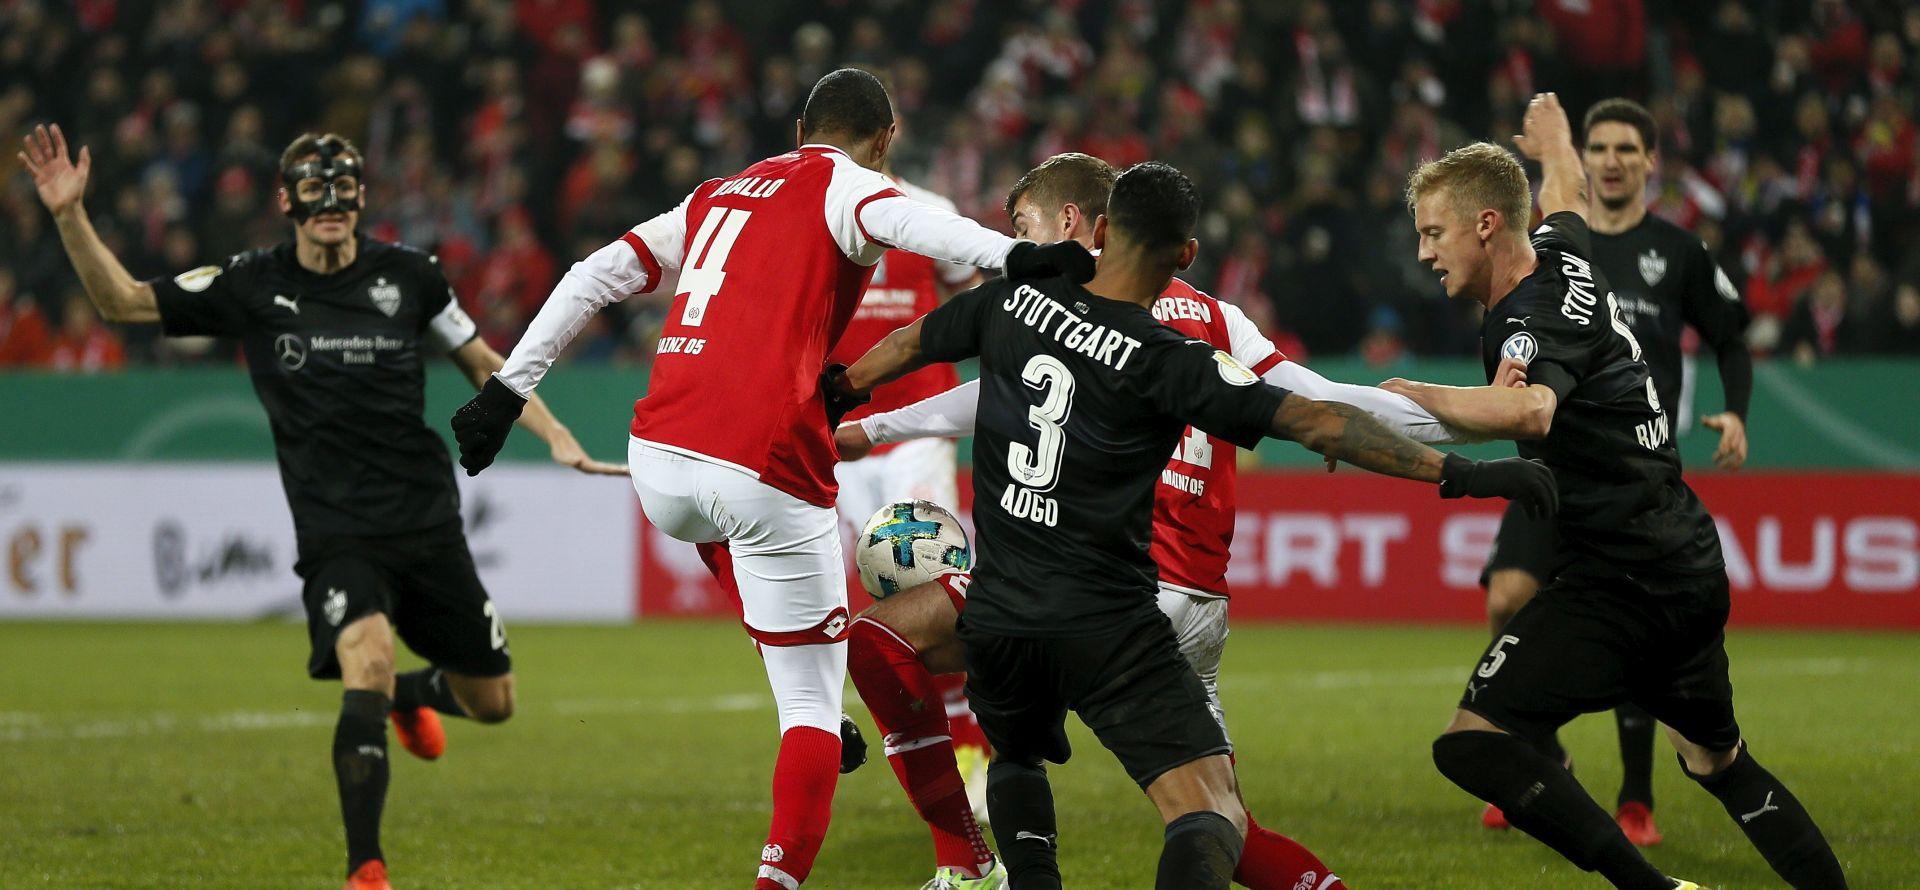 DFB POKAL Mainz izbacio Stuttgart, u četvrtfinalu i trećeligaš Paderborn